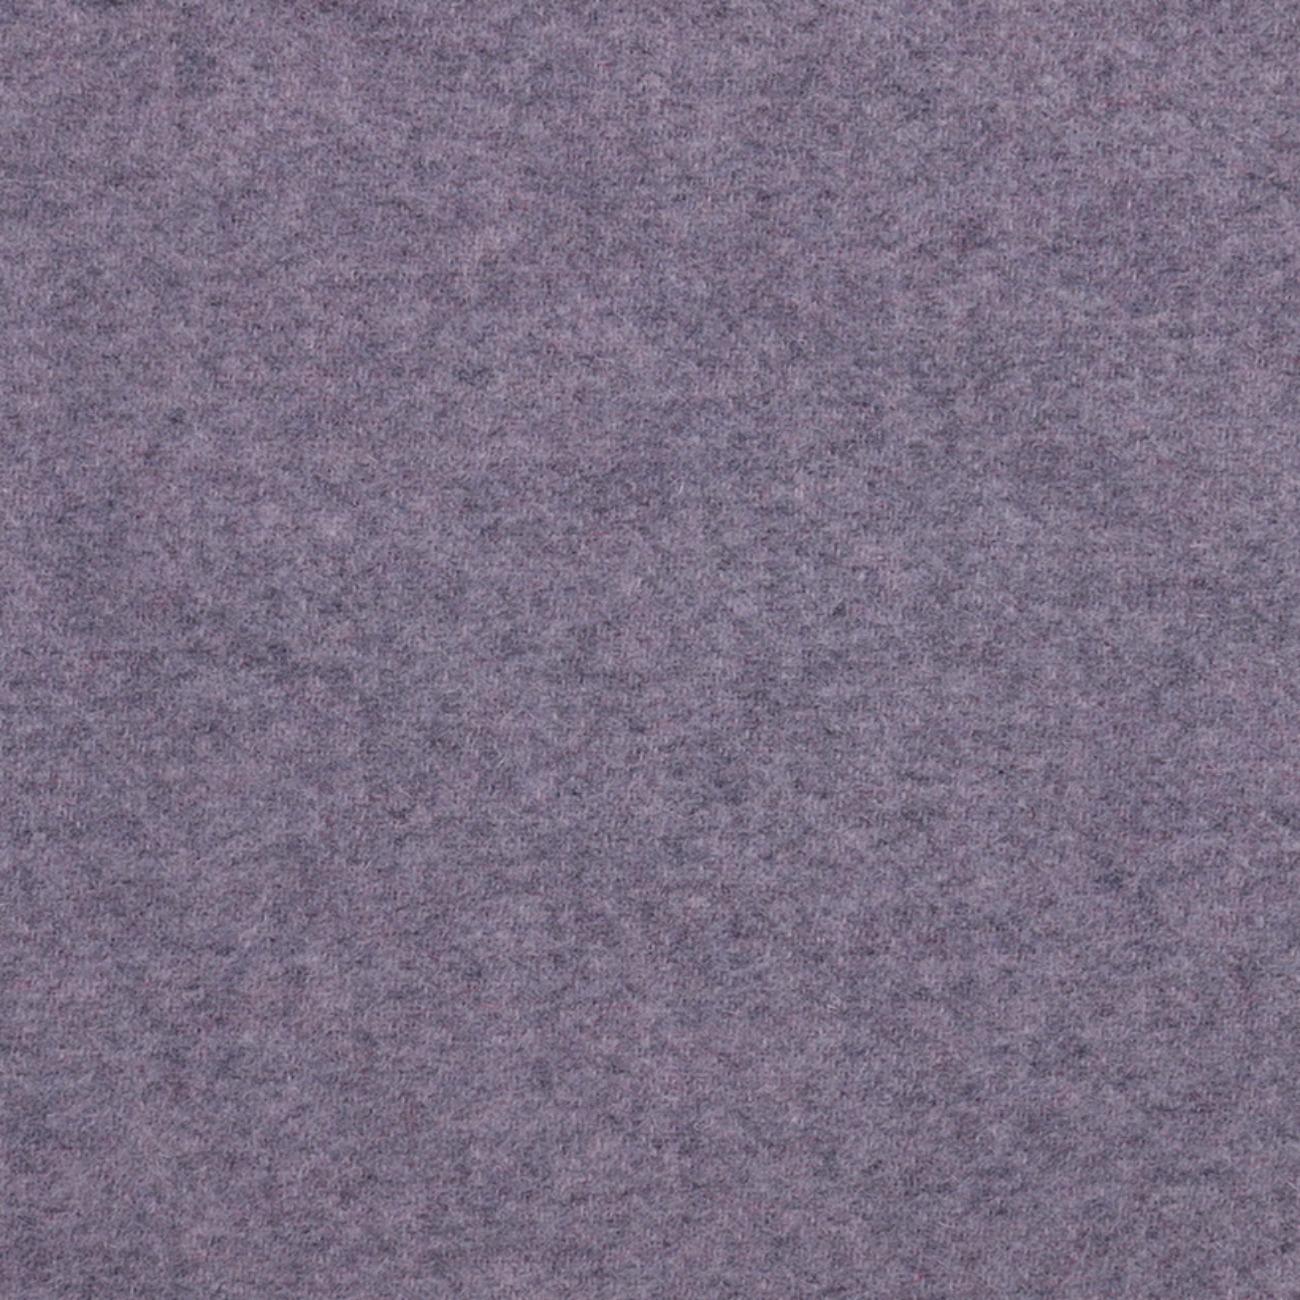 双面羊绒 素色 梭织 双面 低弹 大衣 外套 厚 柔软 细腻 绒感 男装 女装 童装 秋冬 羊毛 71019-2